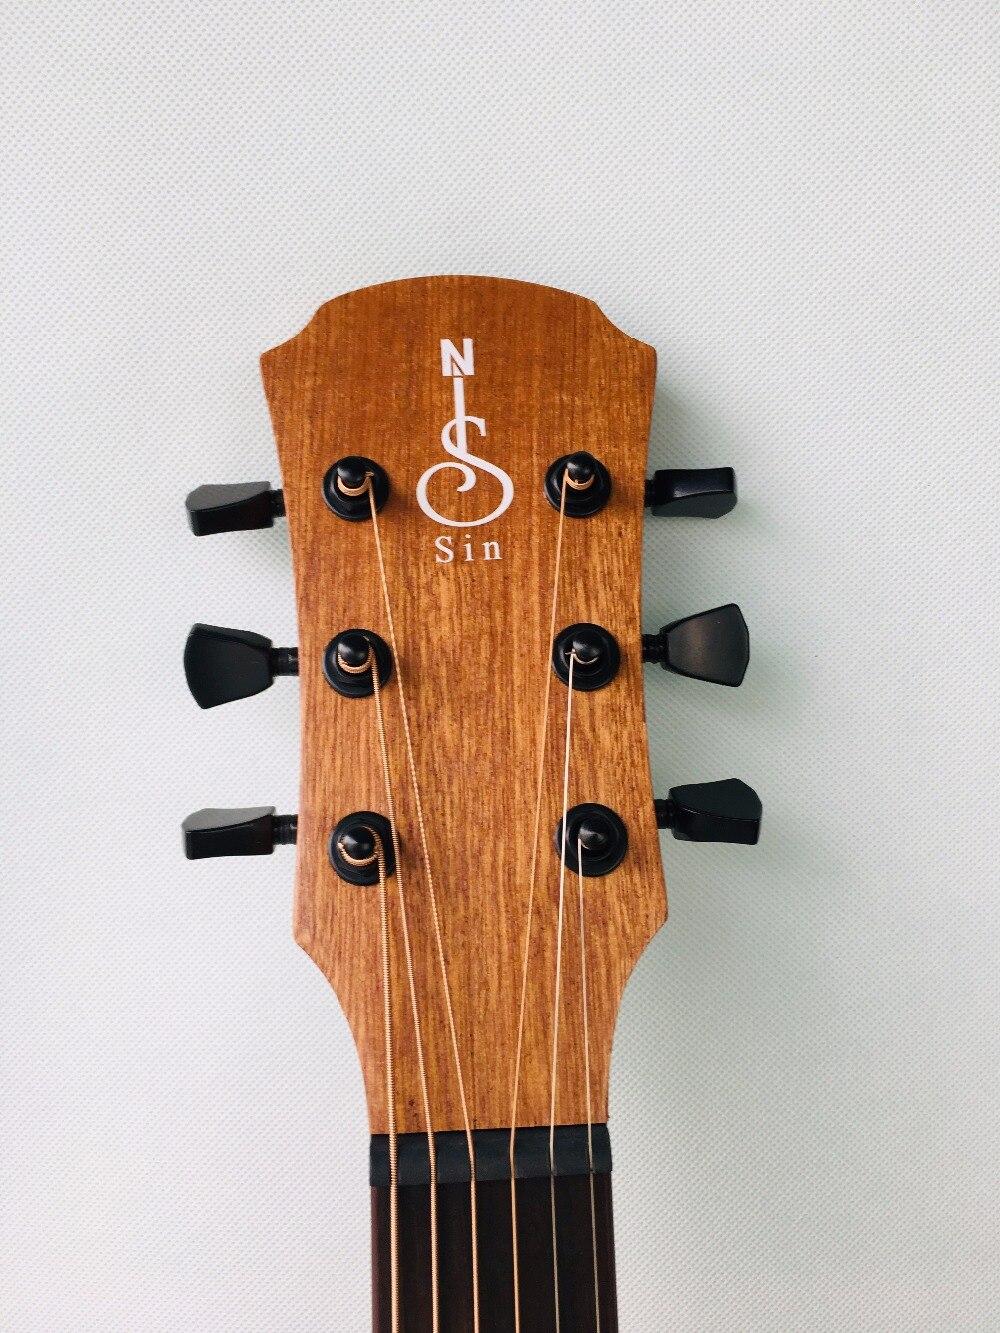 41 pouces guitare acoustique débutant pratique guitare Folk 6 cordes acajou Instrument de musique pour étudiant amoureux cadeau - 5